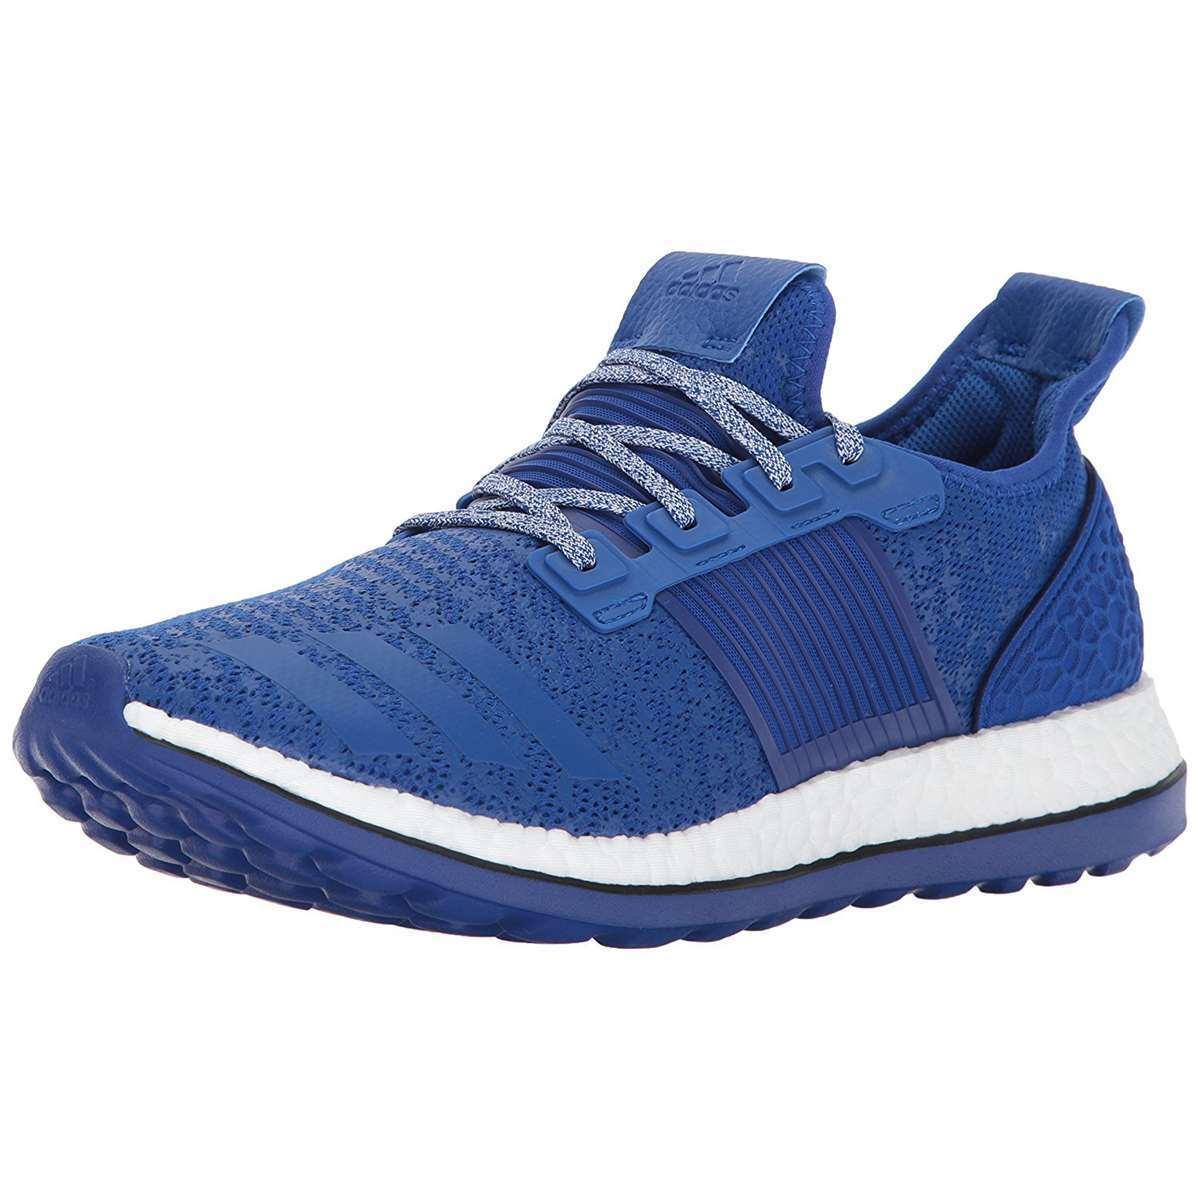 Adidas Hombre Pureboost Zg BA8456 Zapatillas para Correr Azul Zapatillas BA8456 Zg Nuevo 8641df